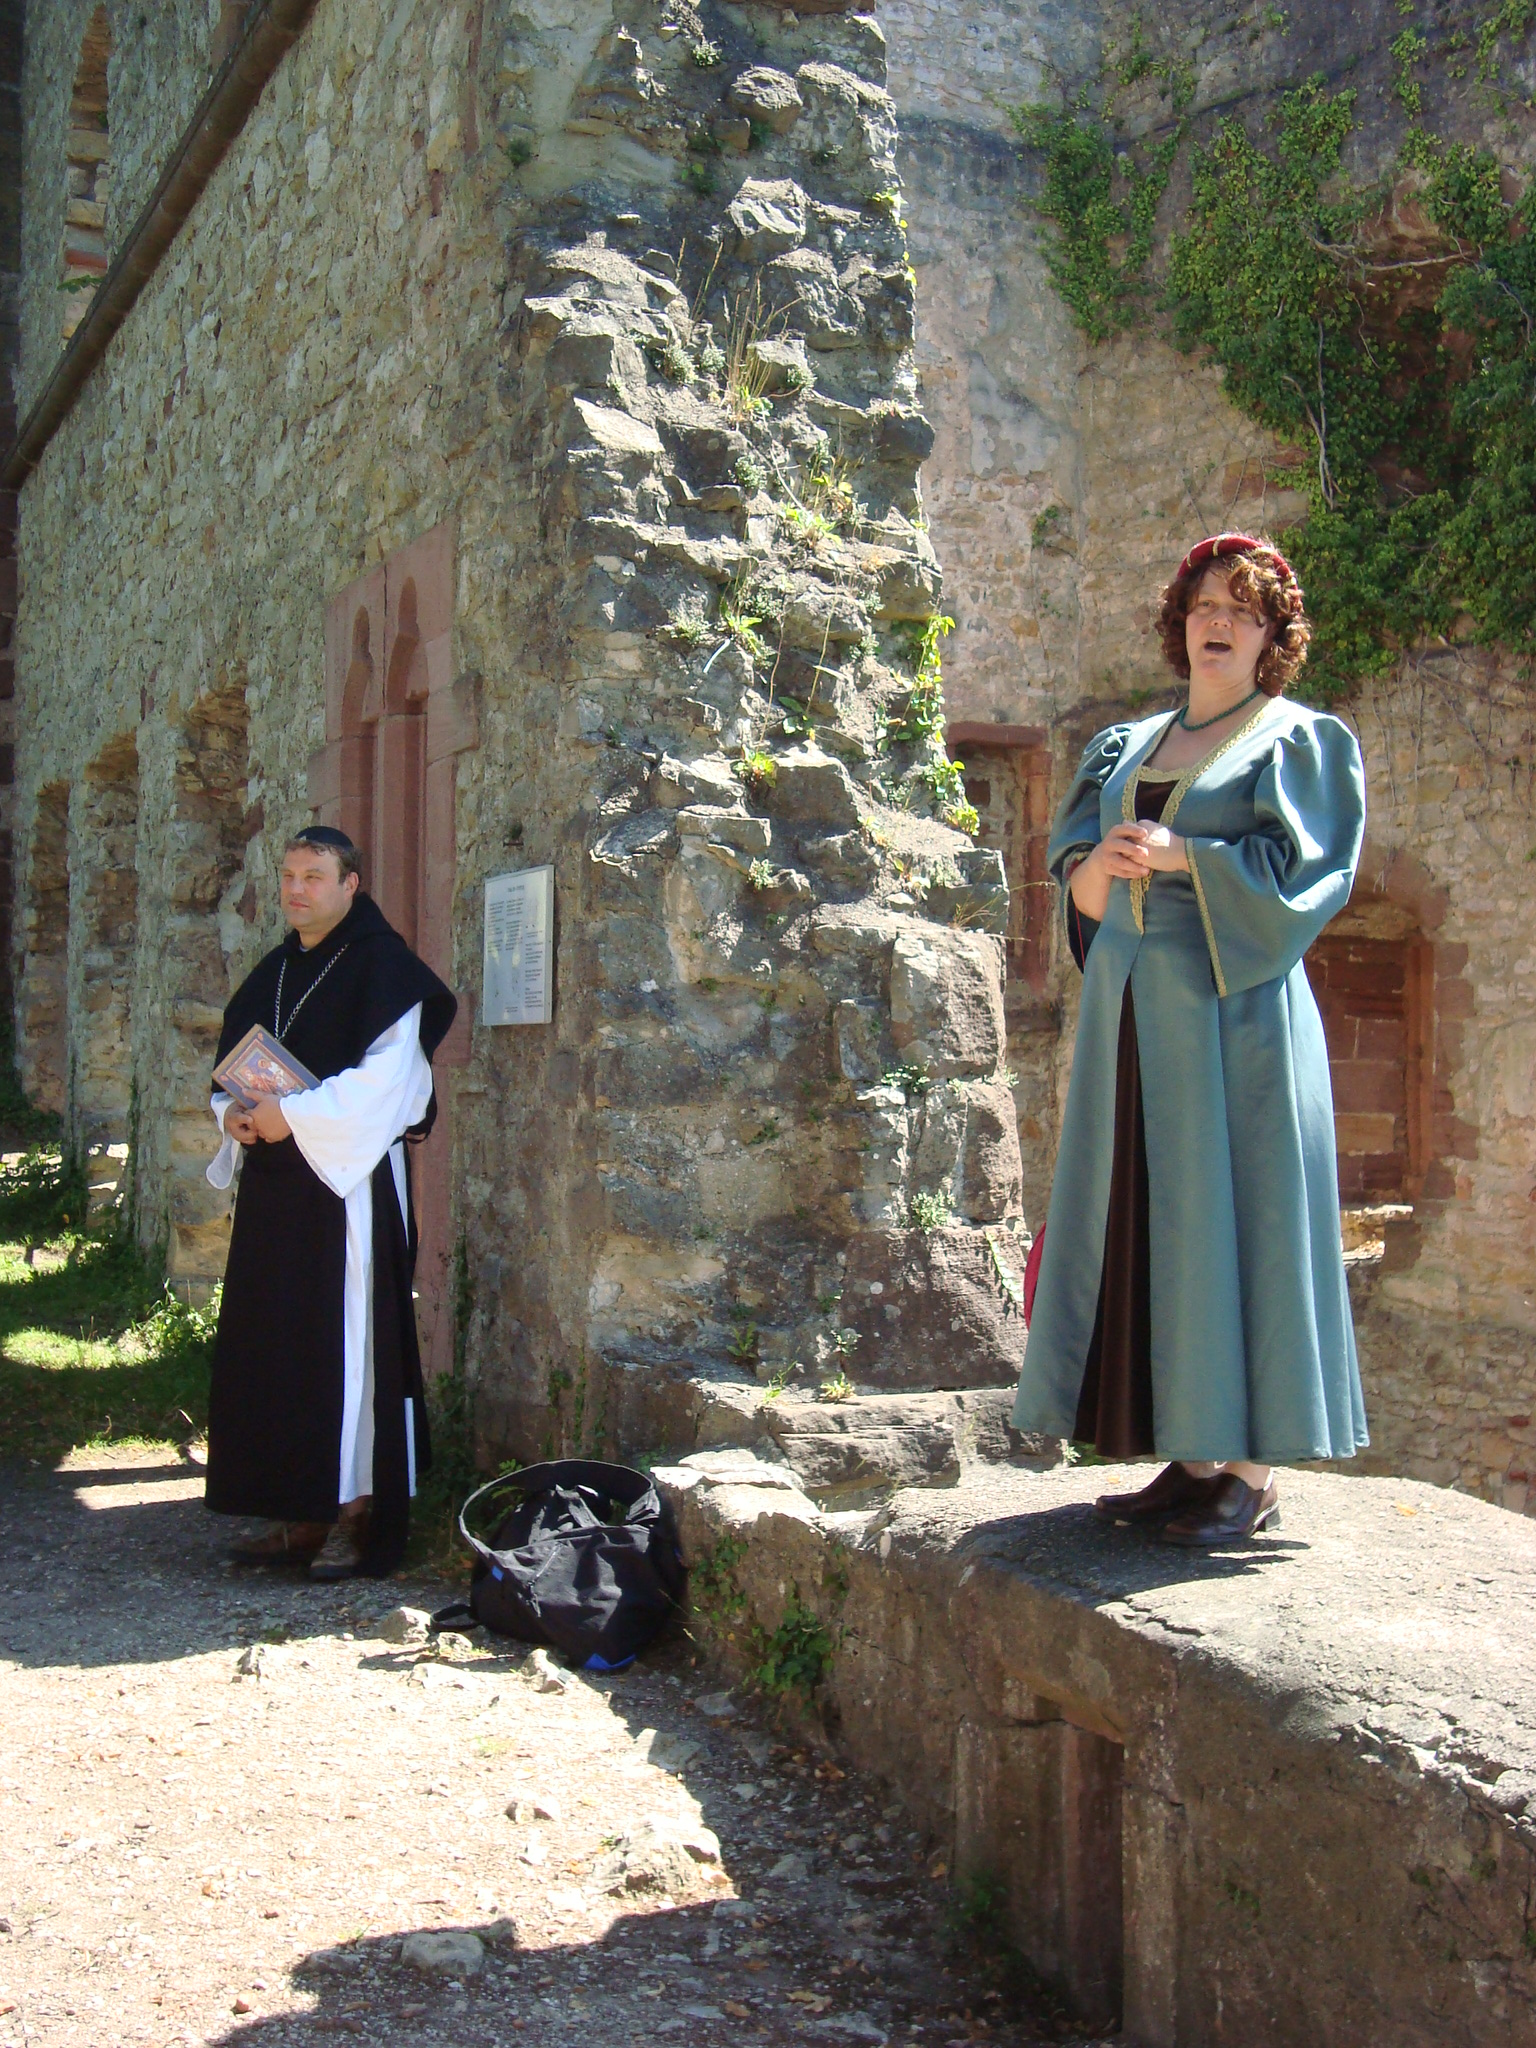 Burgfräulein Brigitte & Abt Konrad